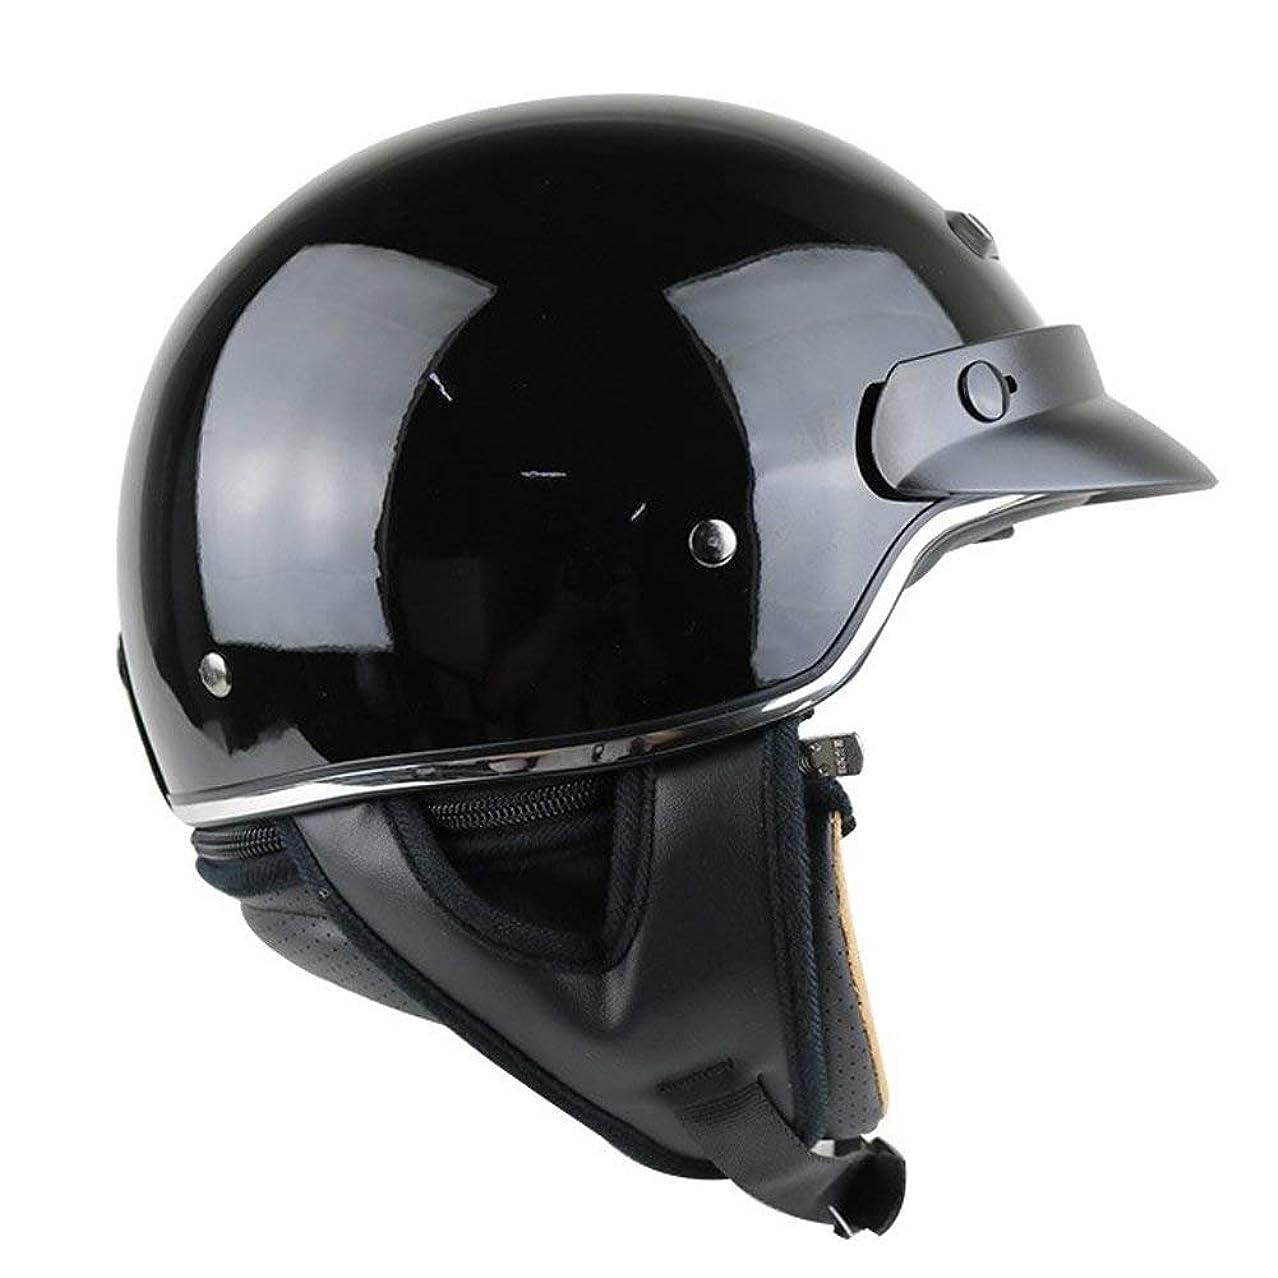 ロッド盲信望みHongkaiバイクヘルメット Bike Helmet ハーフヘルメット 半帽ヘルメット 半キャップ メンズ レディース hk-M55 半帽 バイク?ハーフ シールド付き 防寒イヤーカバー付き 男女兼用